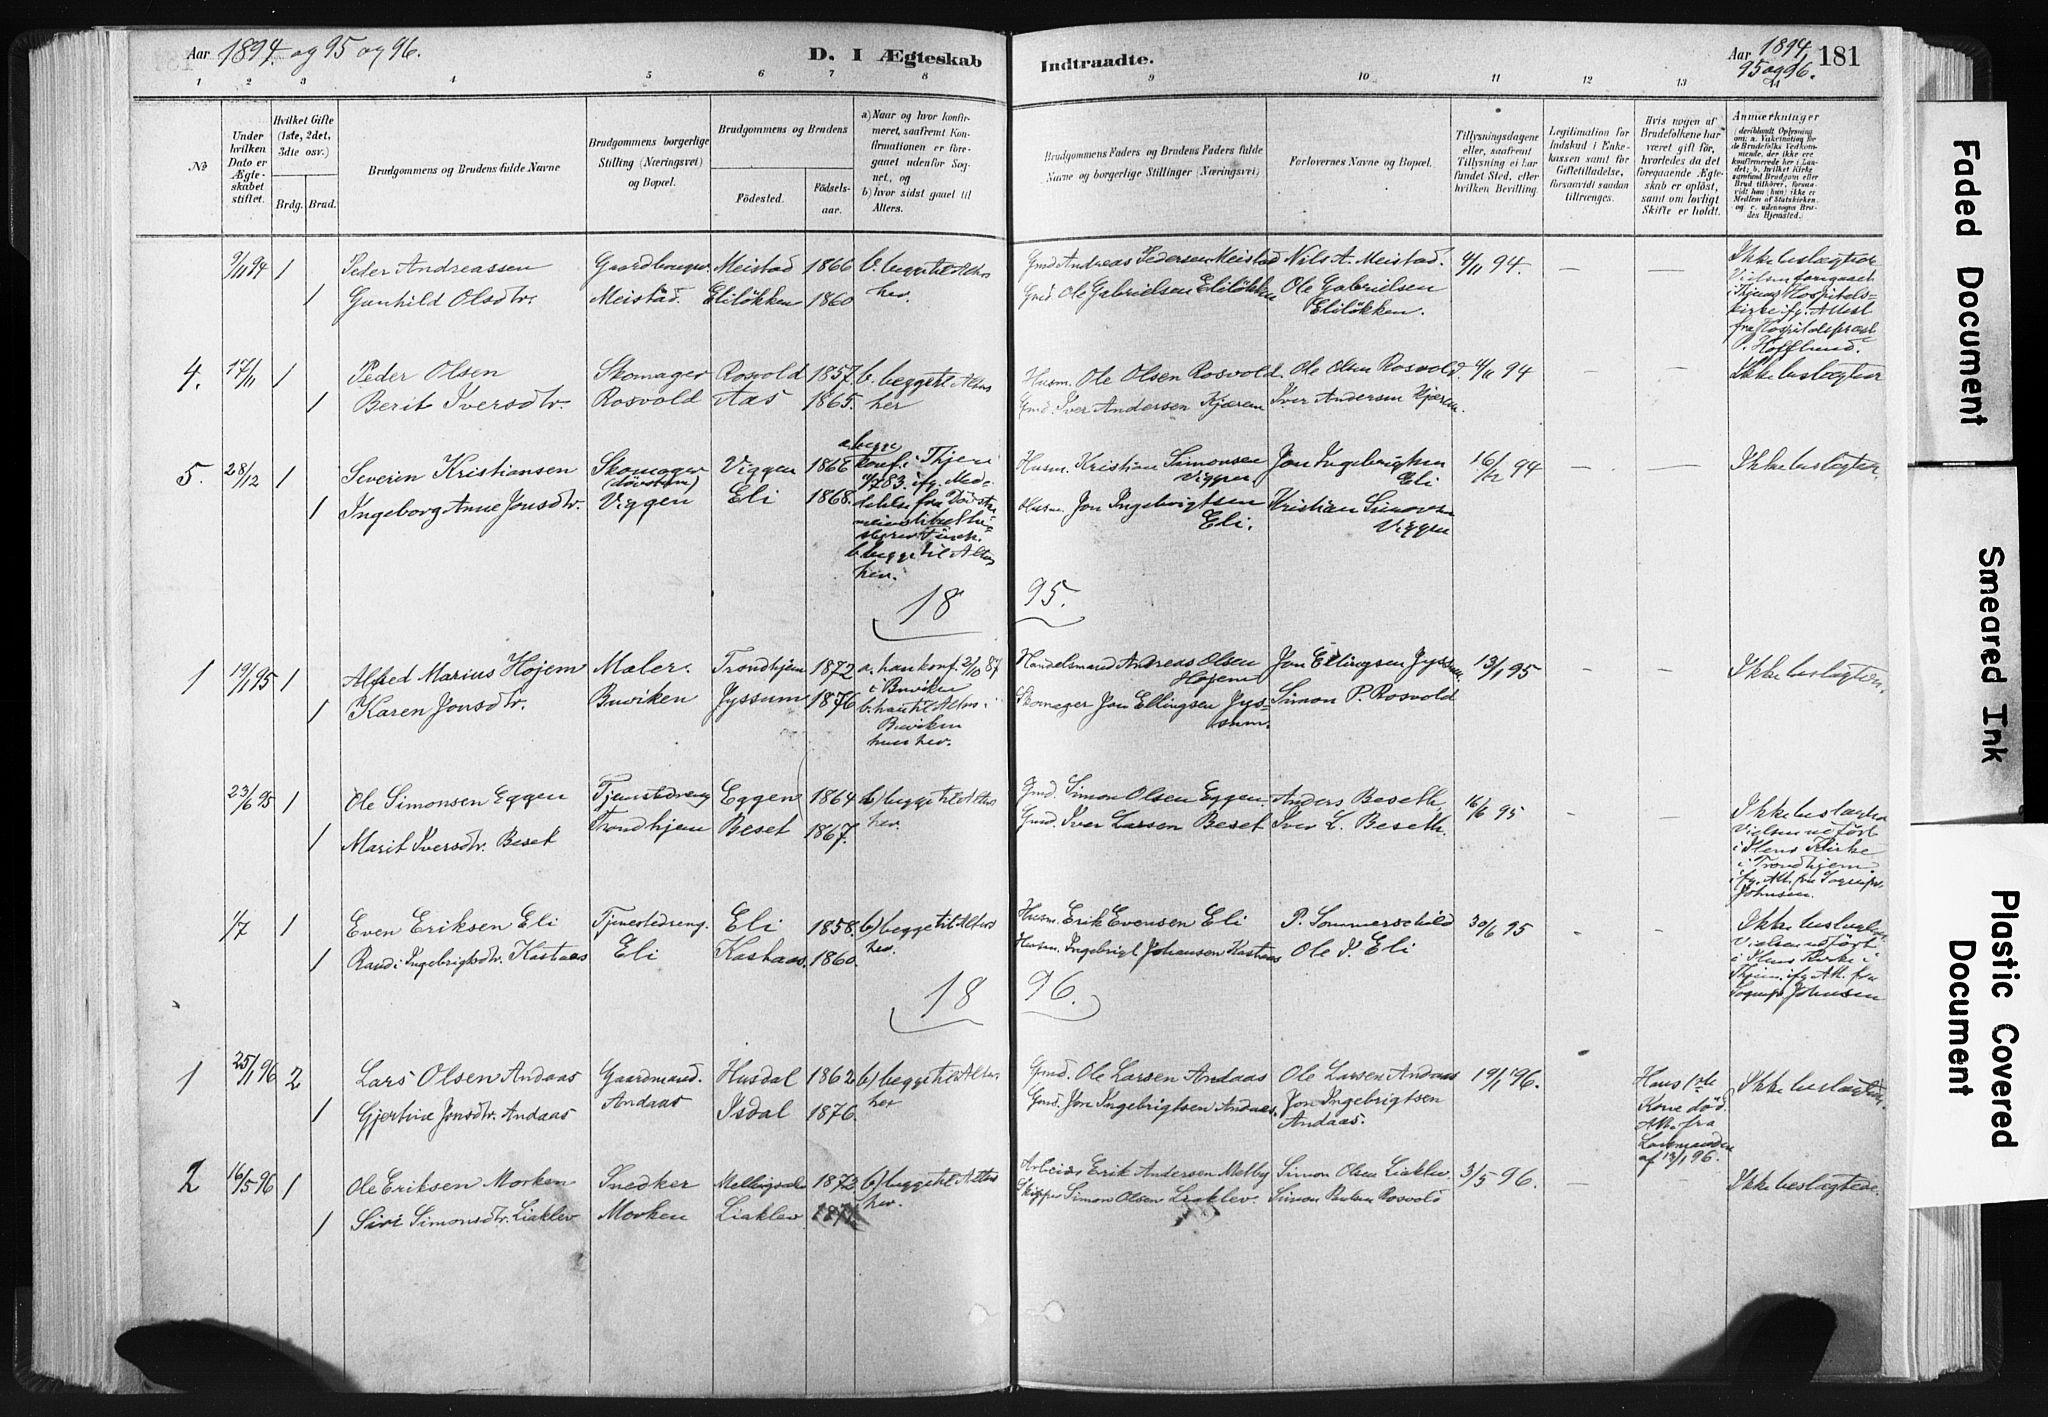 SAT, Ministerialprotokoller, klokkerbøker og fødselsregistre - Sør-Trøndelag, 665/L0773: Ministerialbok nr. 665A08, 1879-1905, s. 181